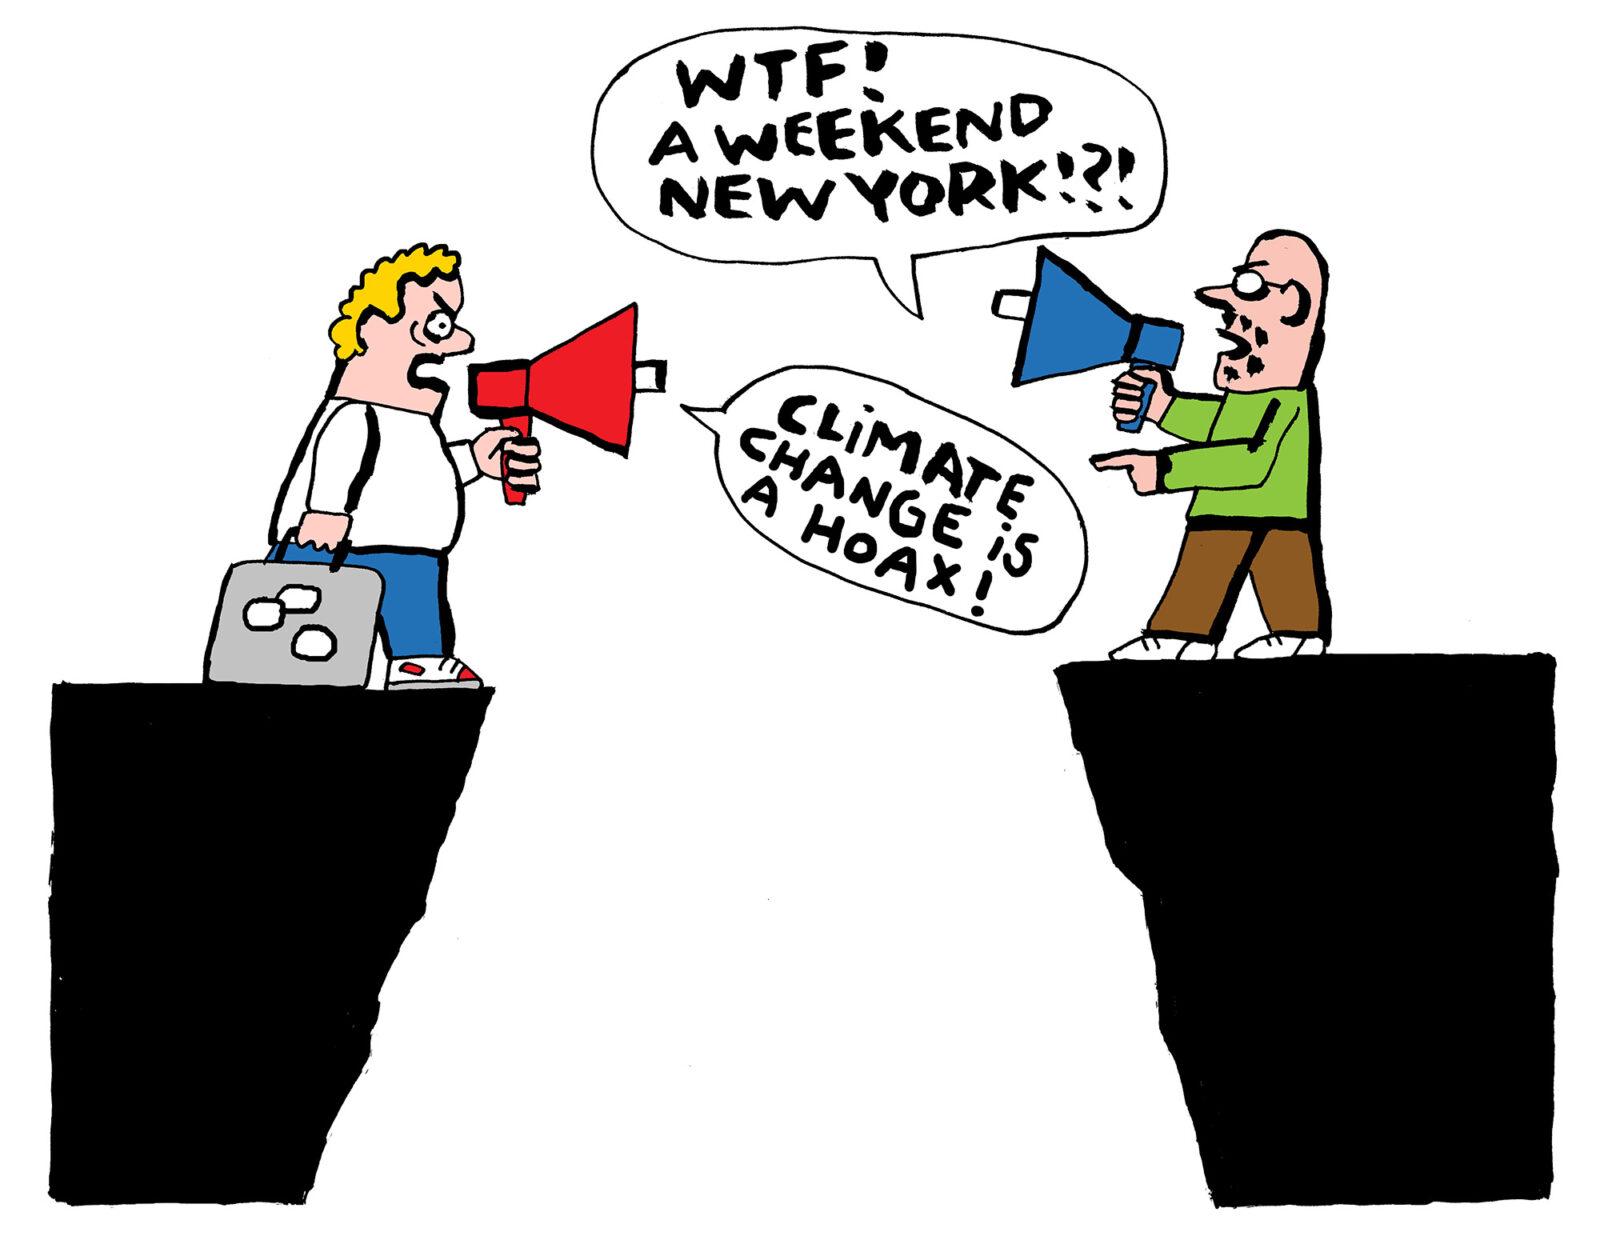 van der schot klimaatdrammer new york EN